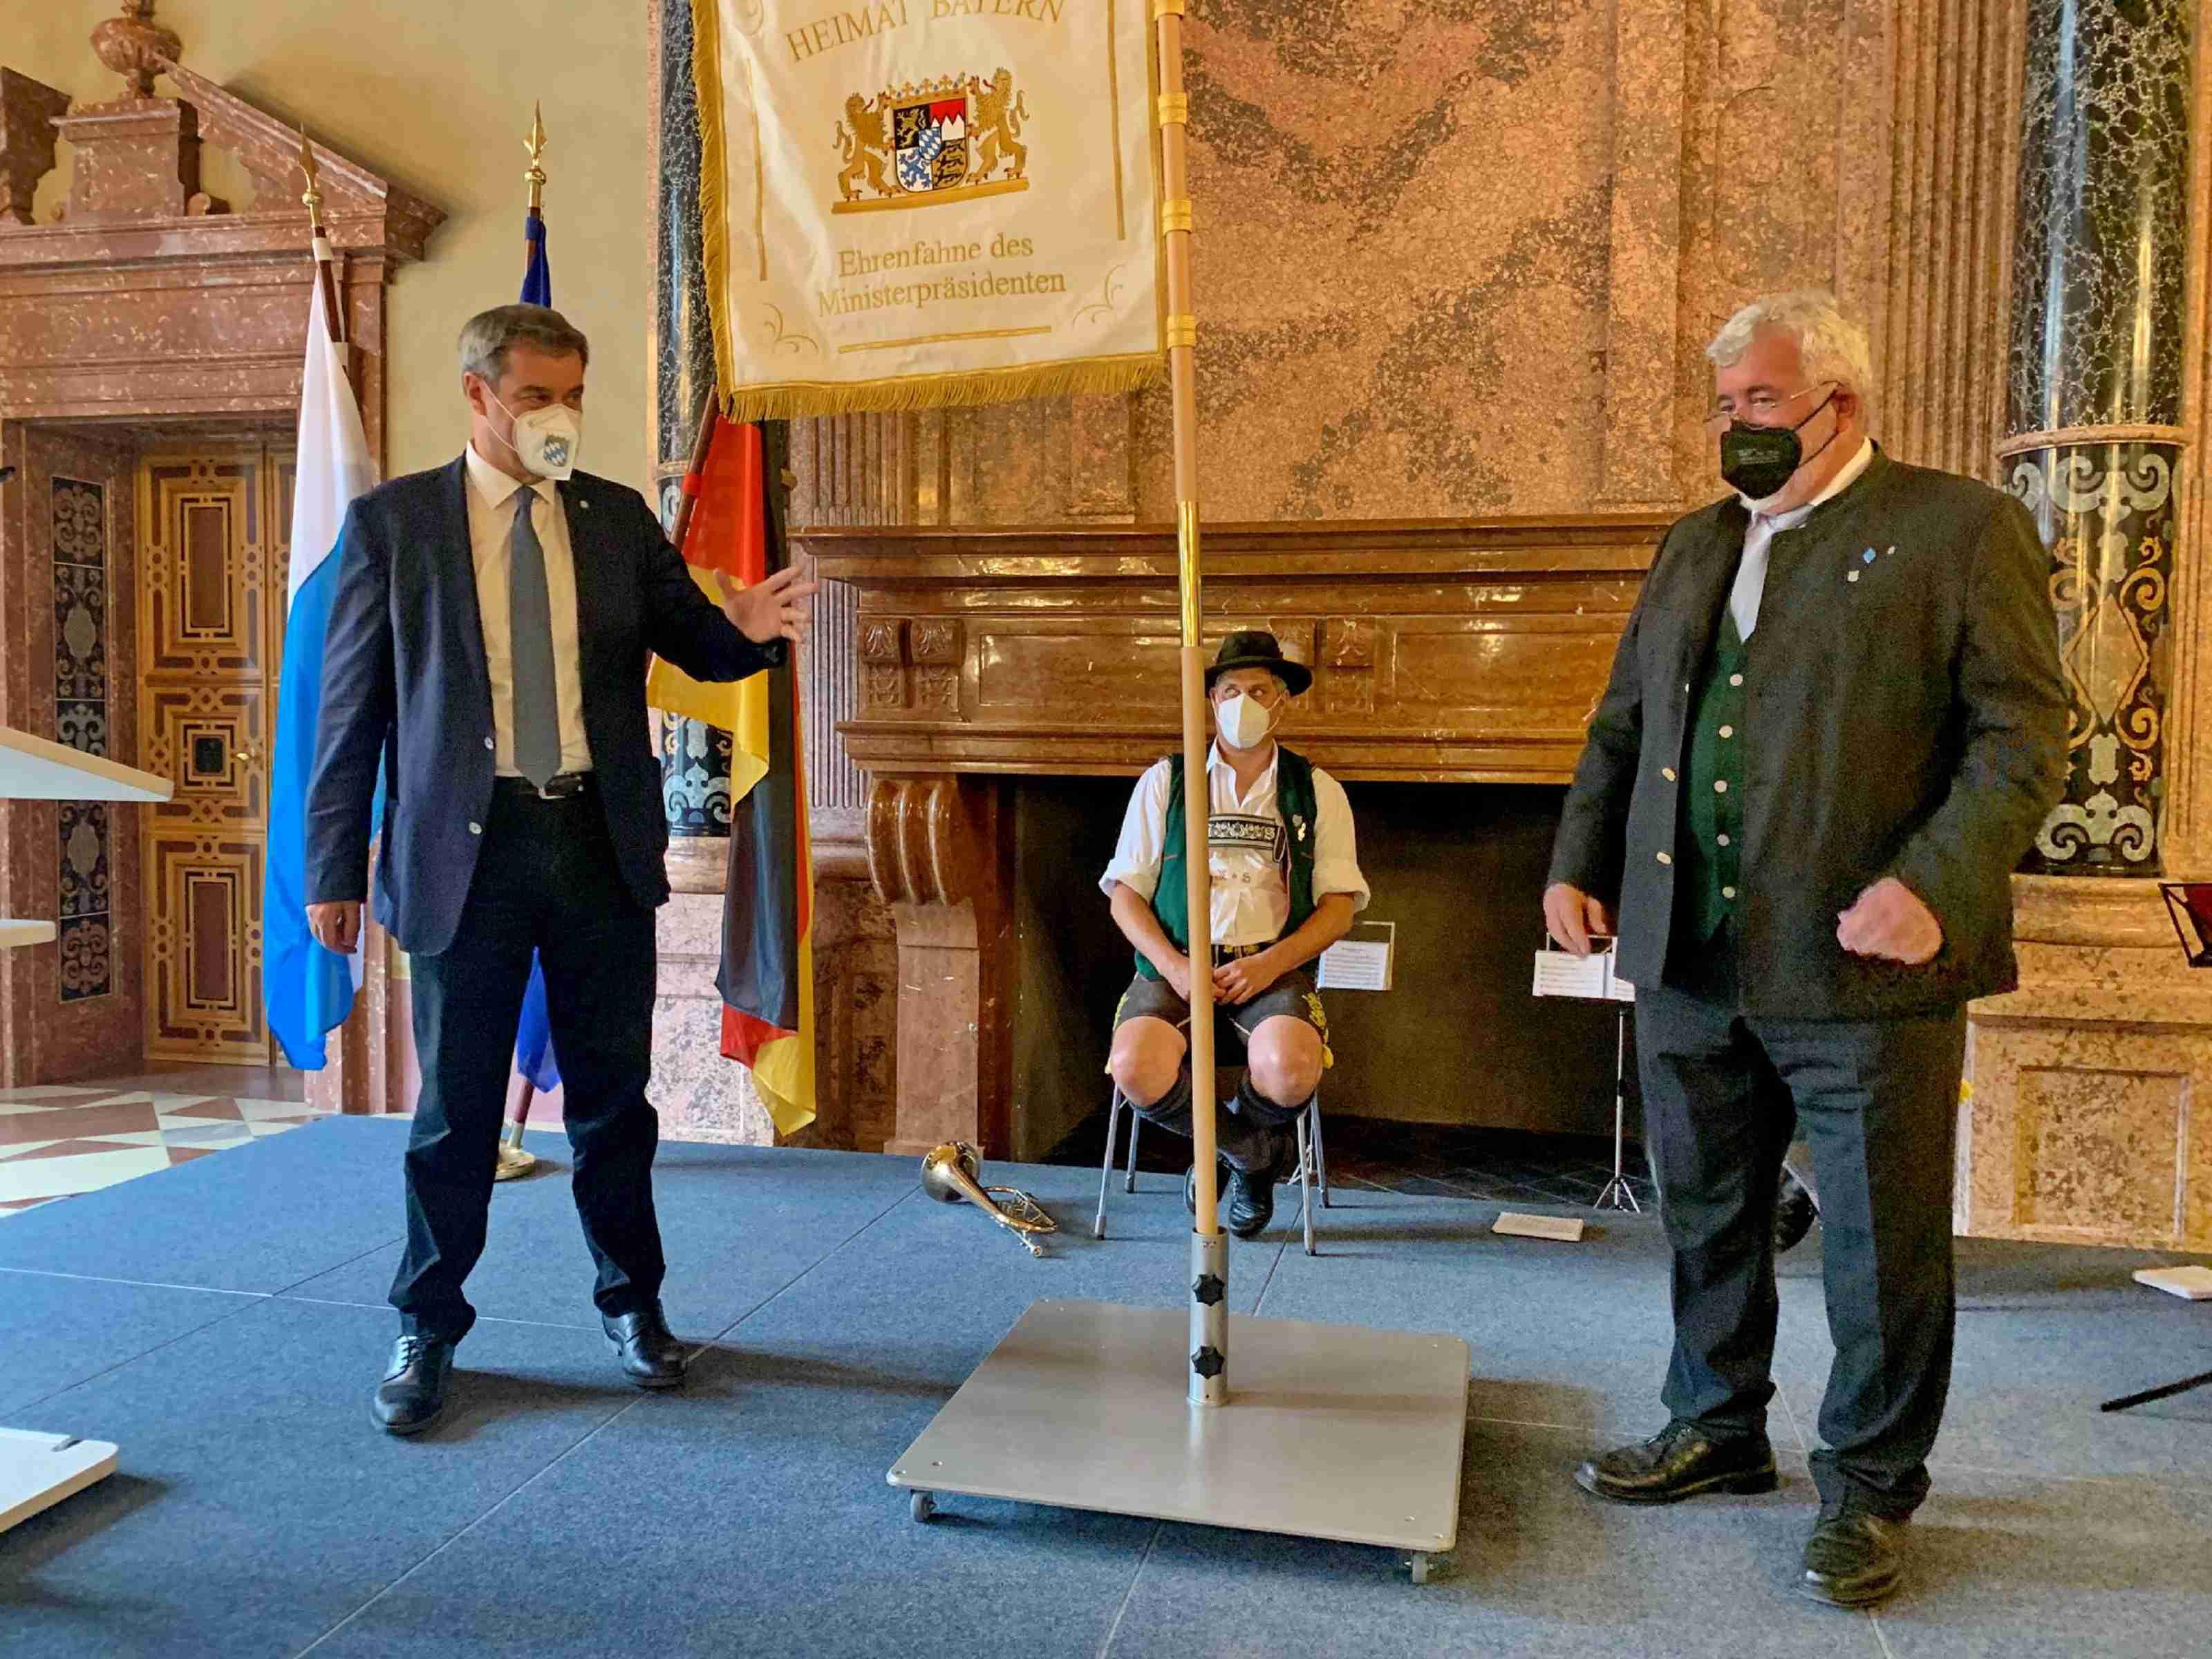 <p>Übergabe der Ehrenfahne des Ministerpräsidenen Markus Söder an Landesvorsitzenden Sebastian Friesinger</p>